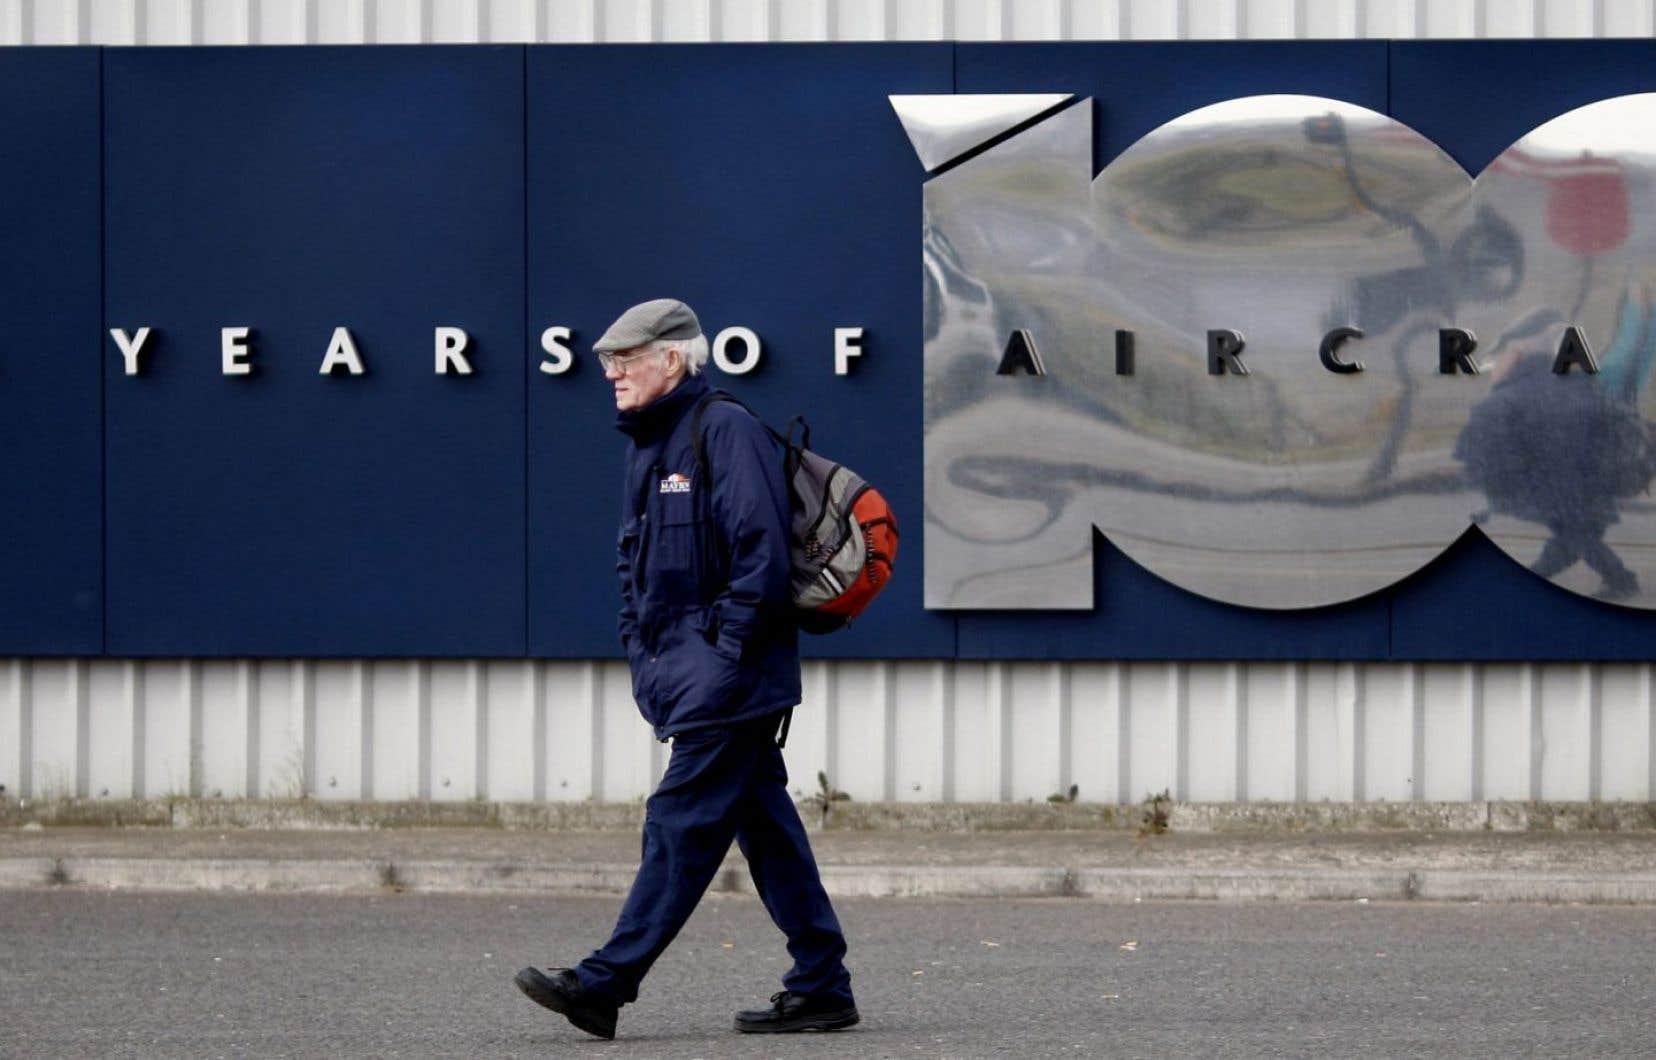 Les signataires de la lettre estiment que les effets découlant de la plainte de Boeing pourraient menacer le fragile équilibre politique actuellement en place.